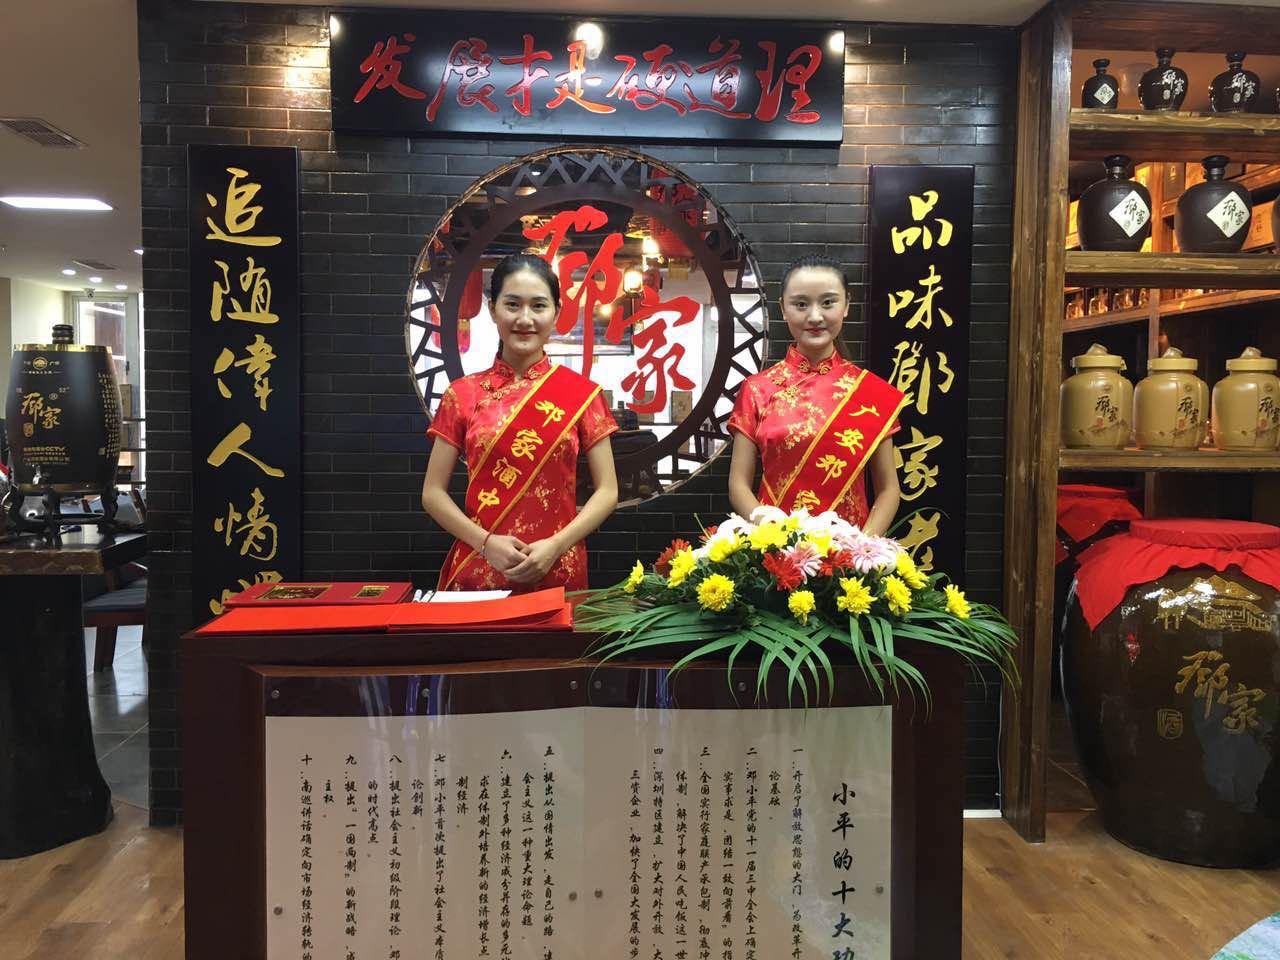 来自罗丹发布的商务合作信息:... - 广安邓家酒业有限公司